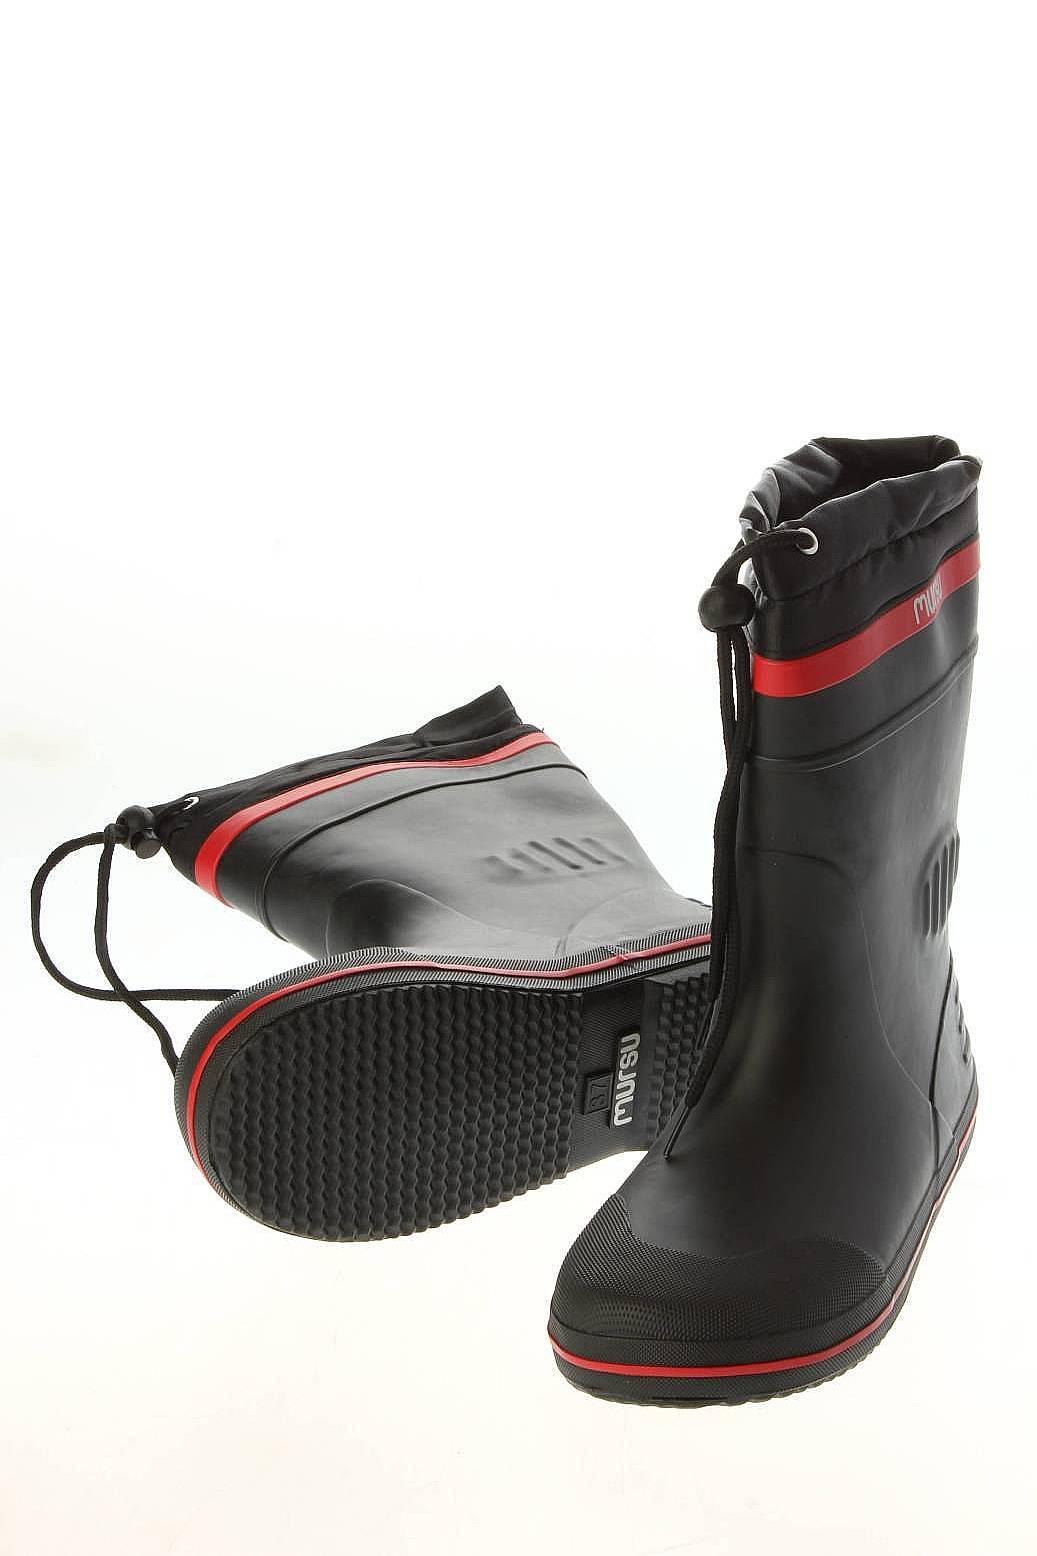 Мужская Обувь Детская Обувь Сапоги Резиновые: Mursu Обувь